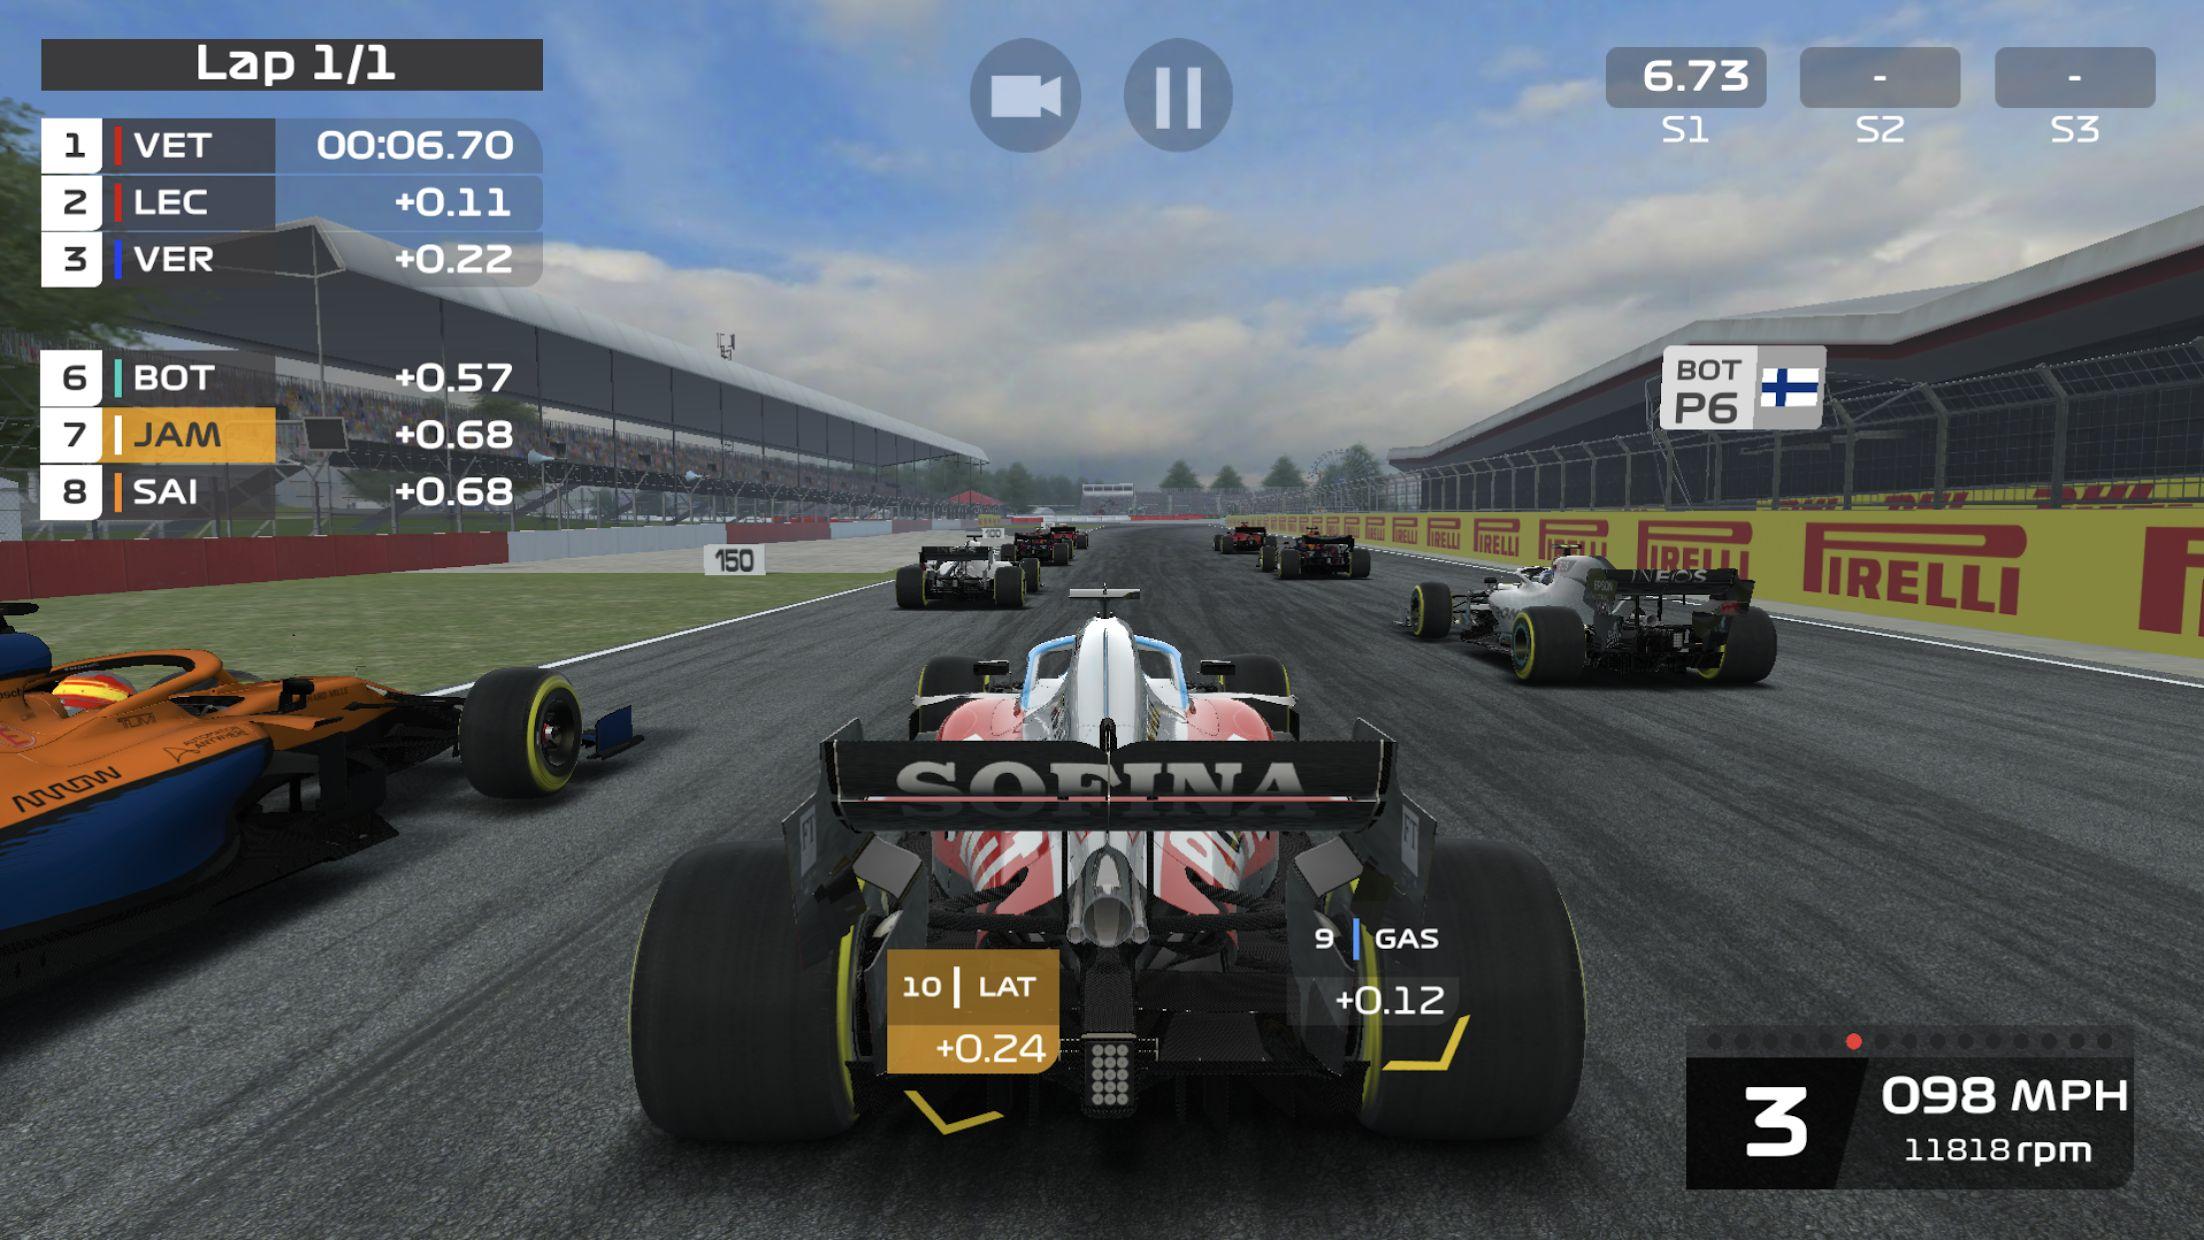 F1 移动赛车 游戏截图4